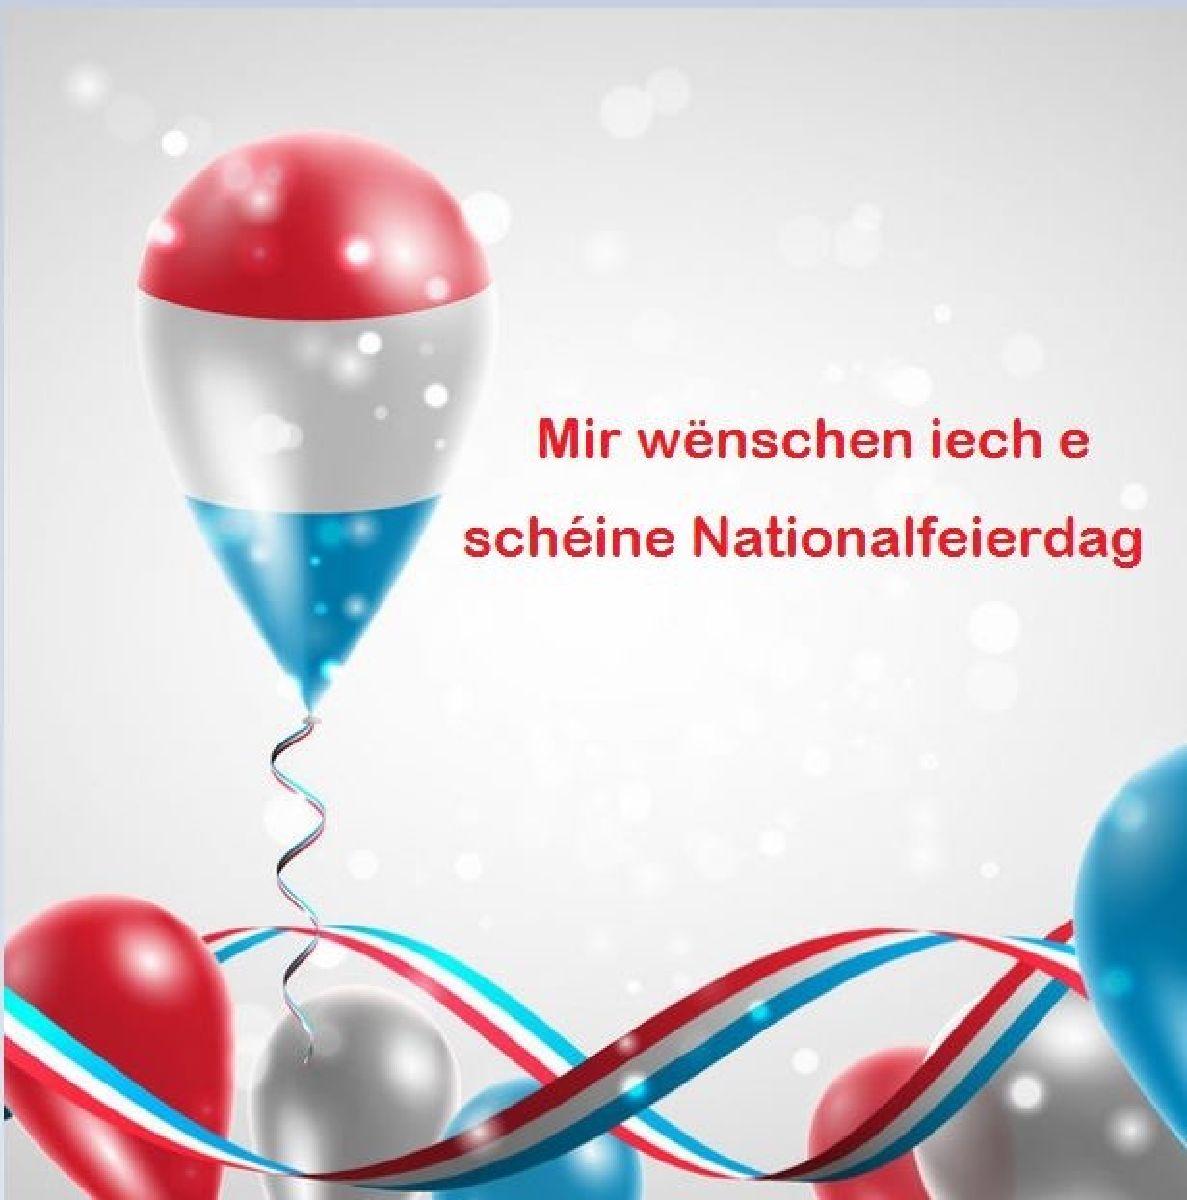 Den CS Sanem wënscht e schéine Nationalfeierdag